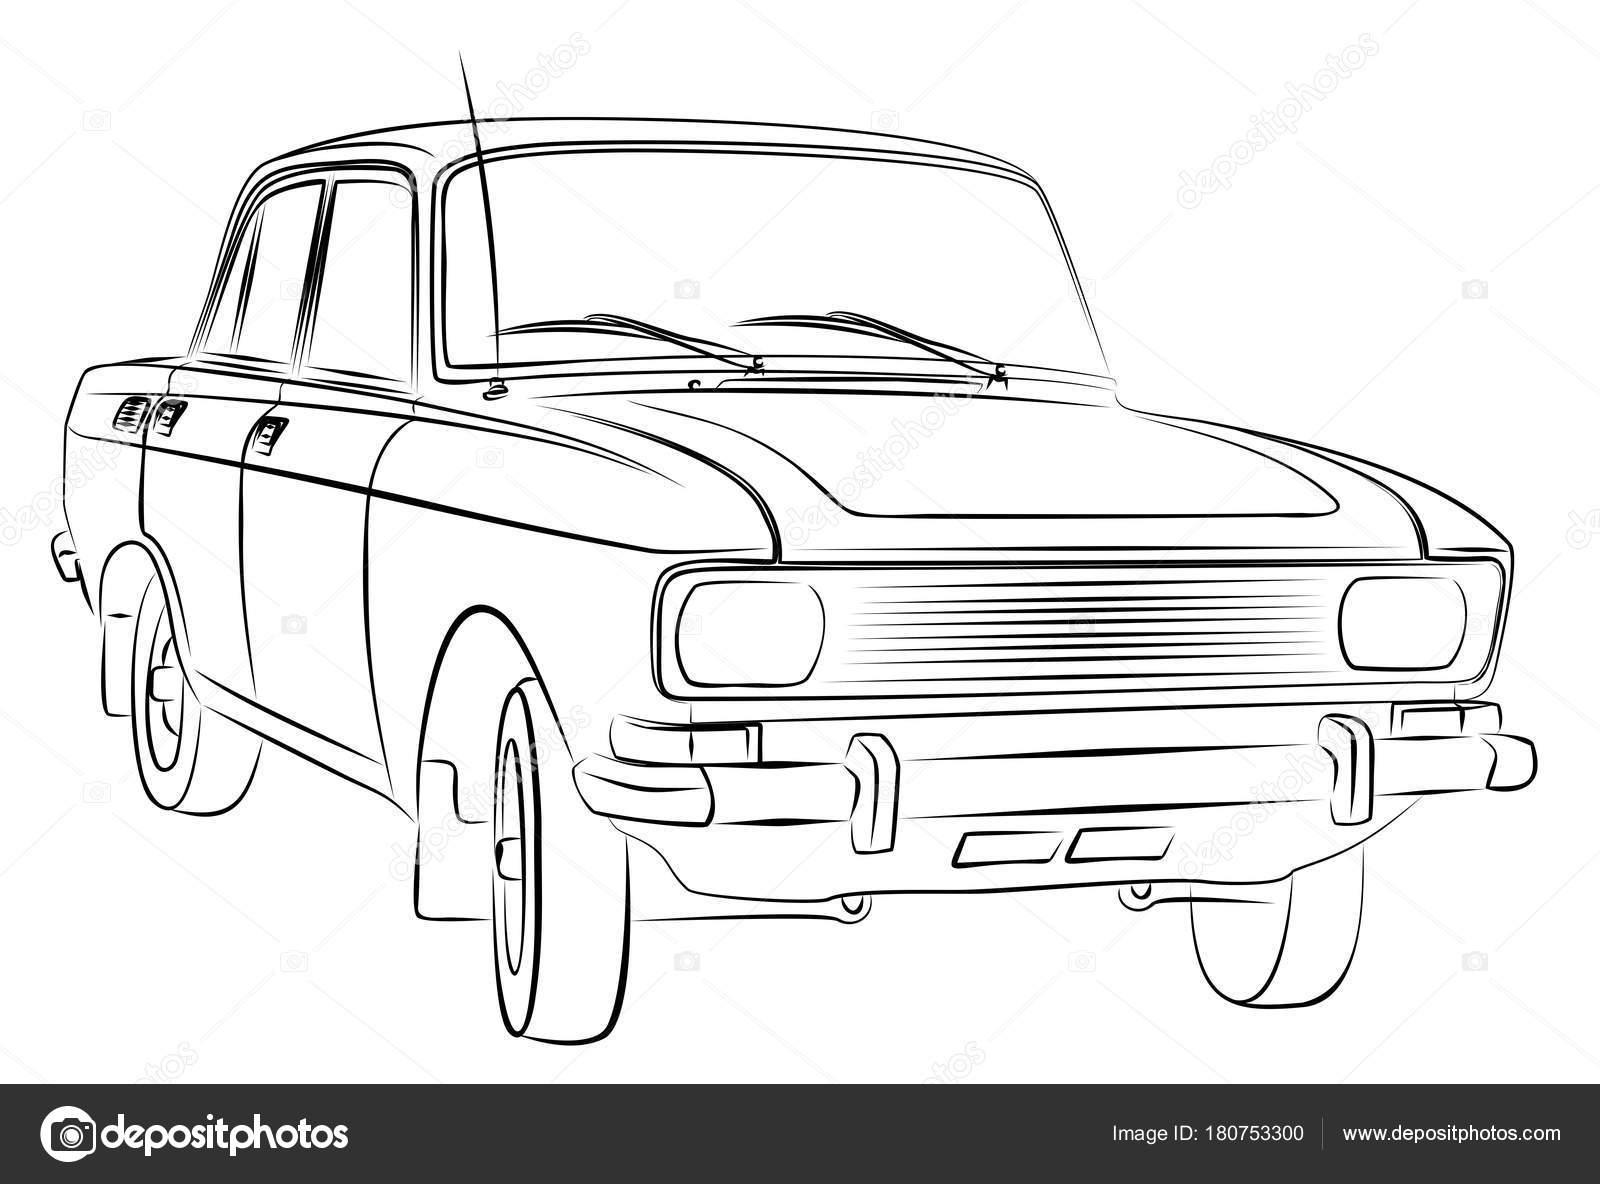 Eine Skizze Des Alten Retro Autos — Stockvektor © Designer_an #180753300